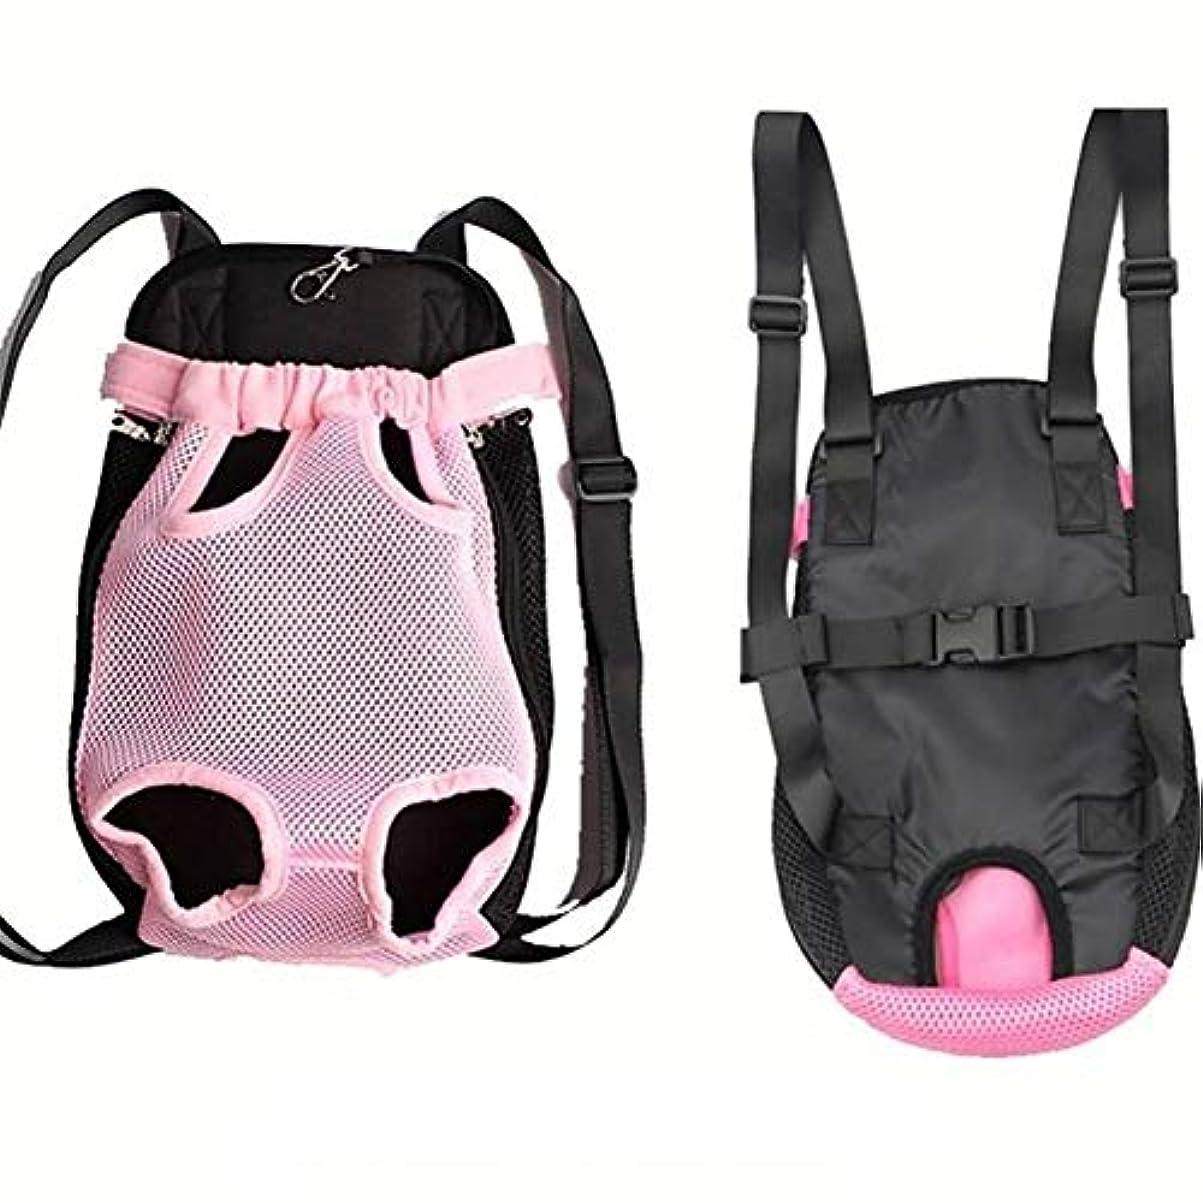 偏見ほんの雨ペット犬通気性バックパックショルダーハンドルバッグメッシュ迷彩屋外旅行製品 luoshangqing (Color : P, サイズ : L)